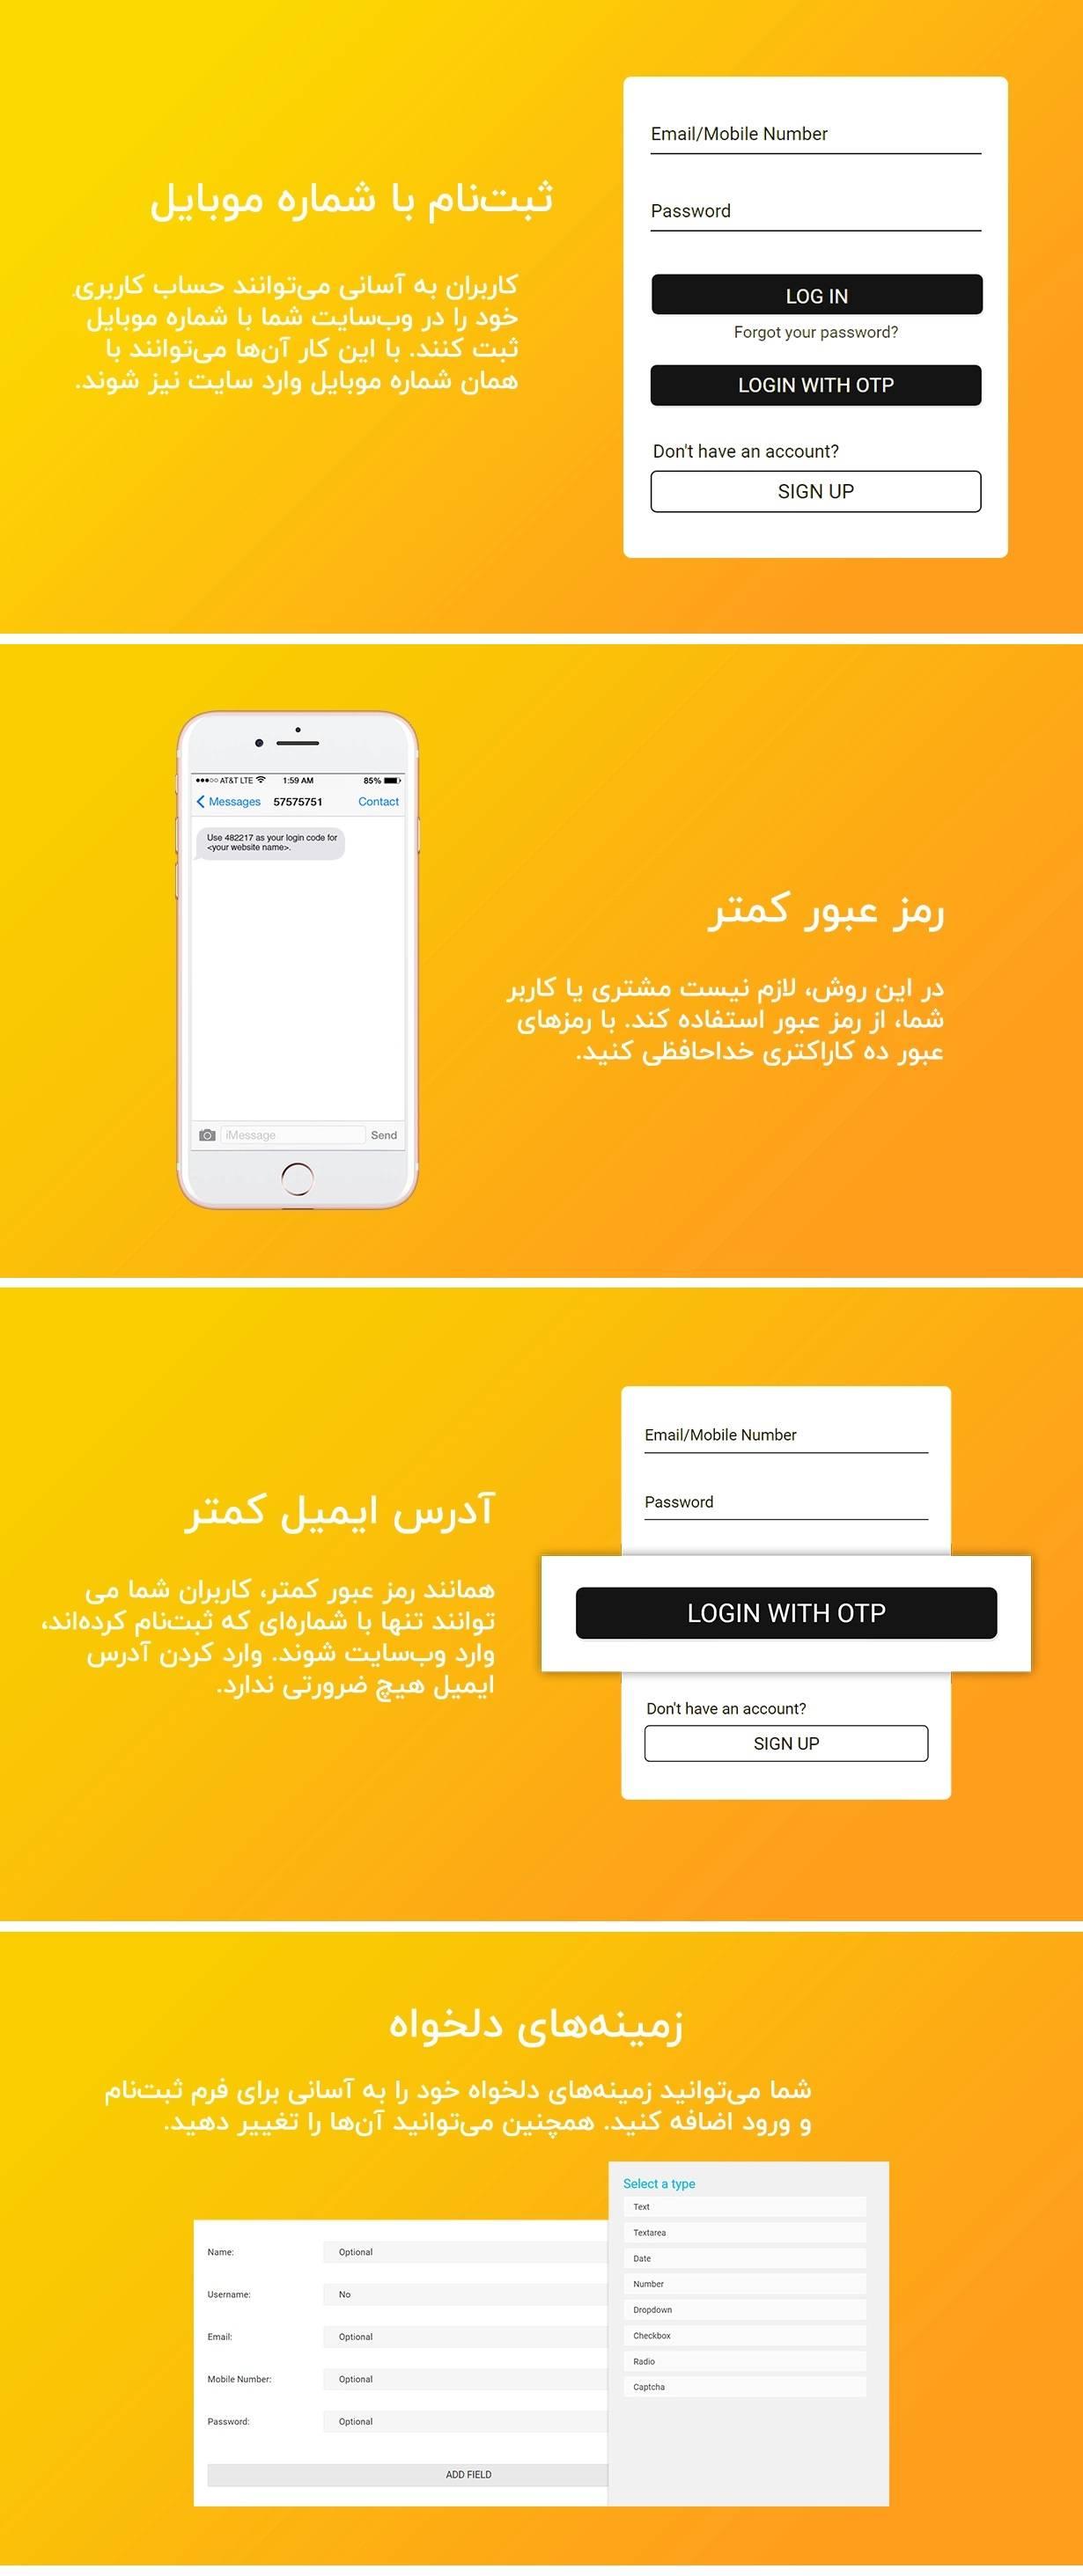 افزونه ثبت نام و ورود با موبایل